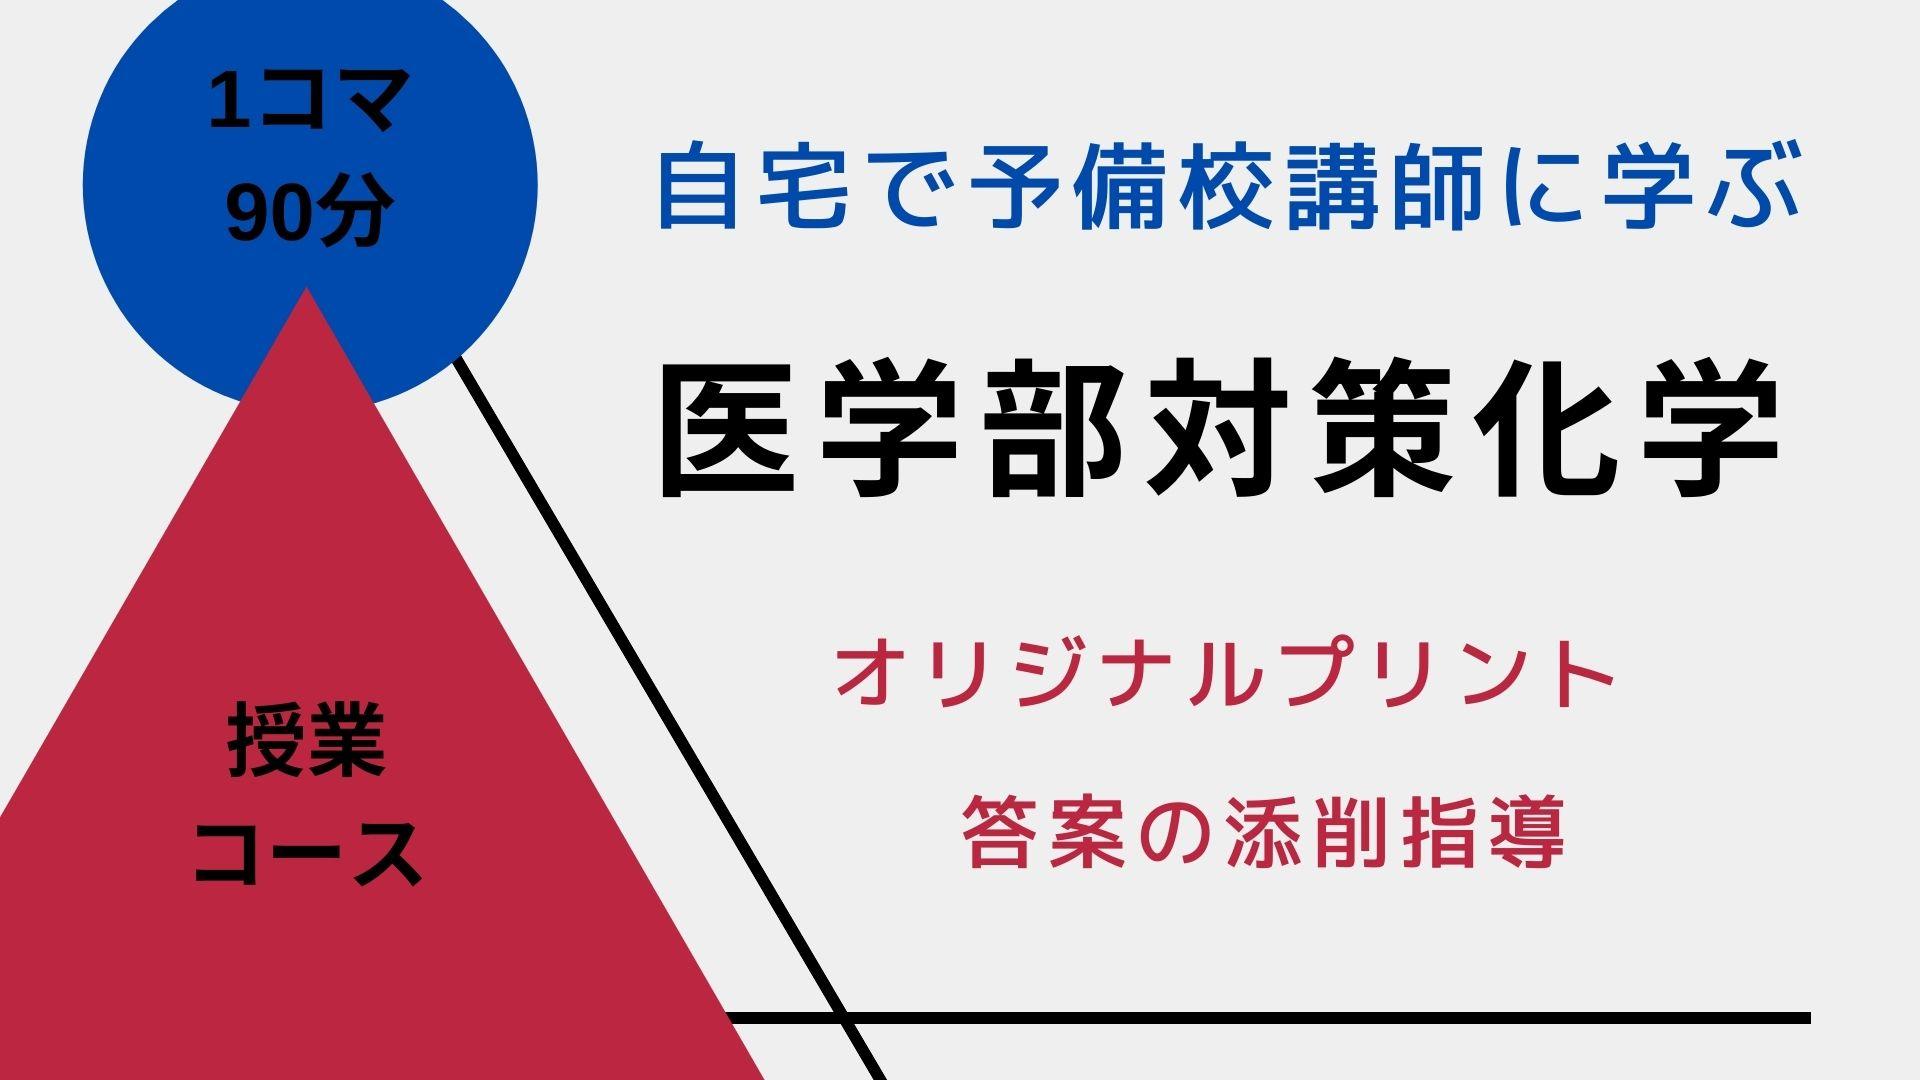 医学部対策化学【授業コース】